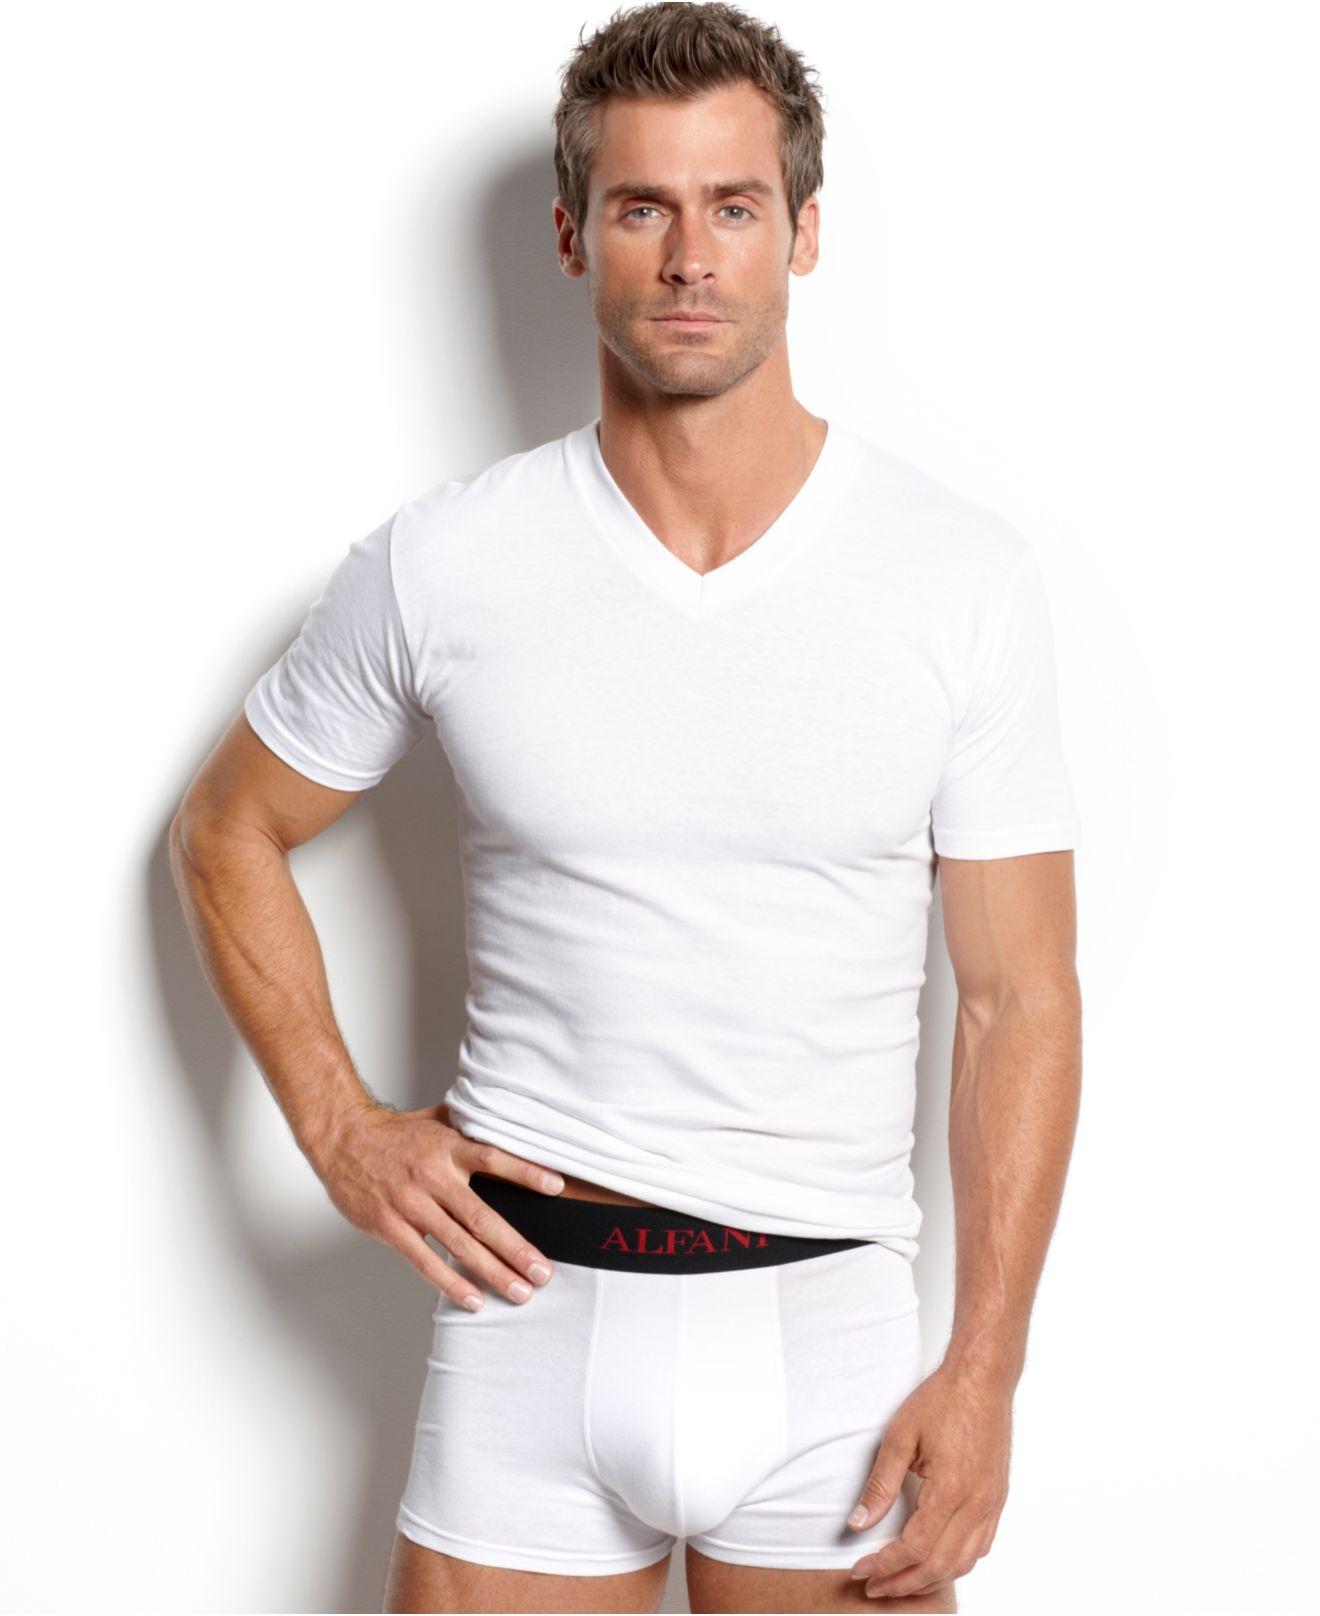 Alfani underwear big v neck t shirt 3 pack in white for for White v neck shirt mens